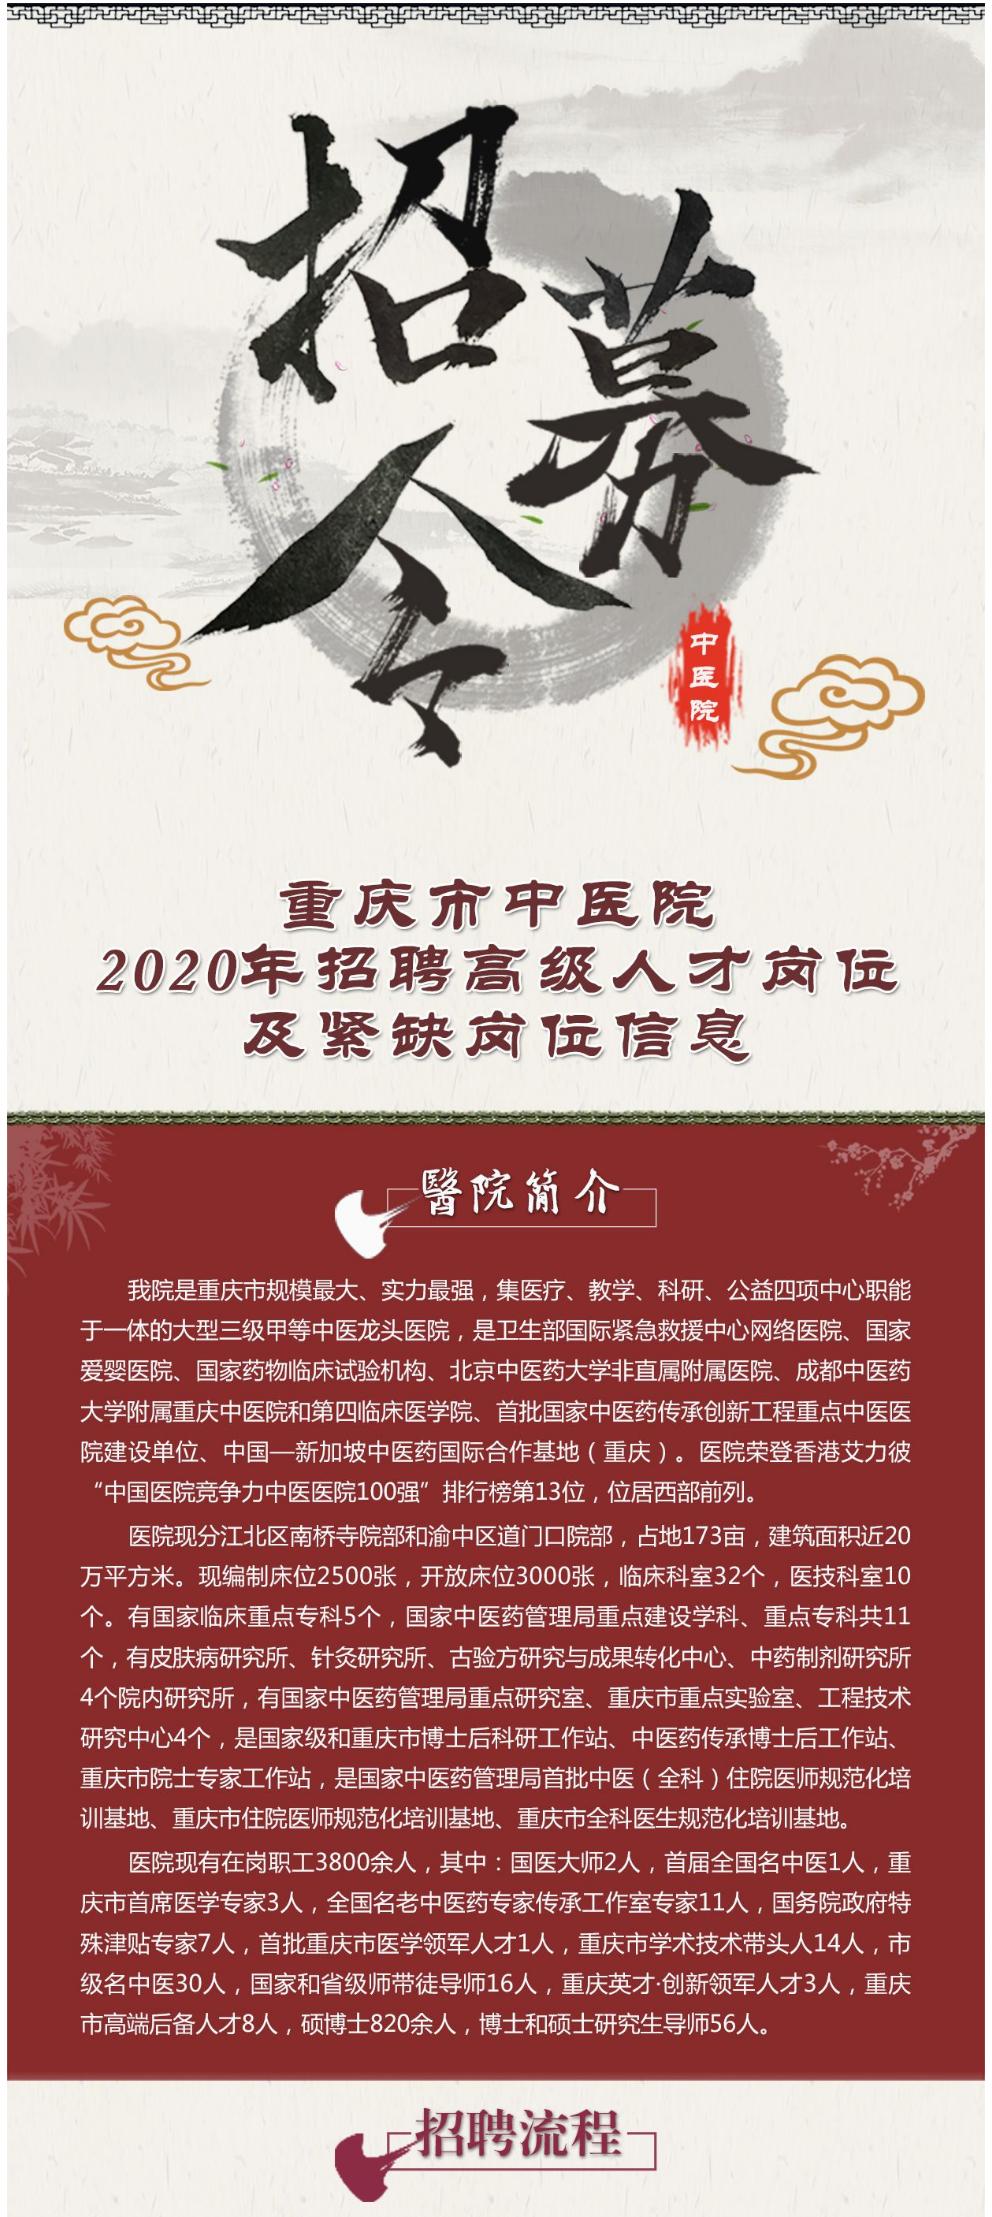 重庆市中医院招聘公告